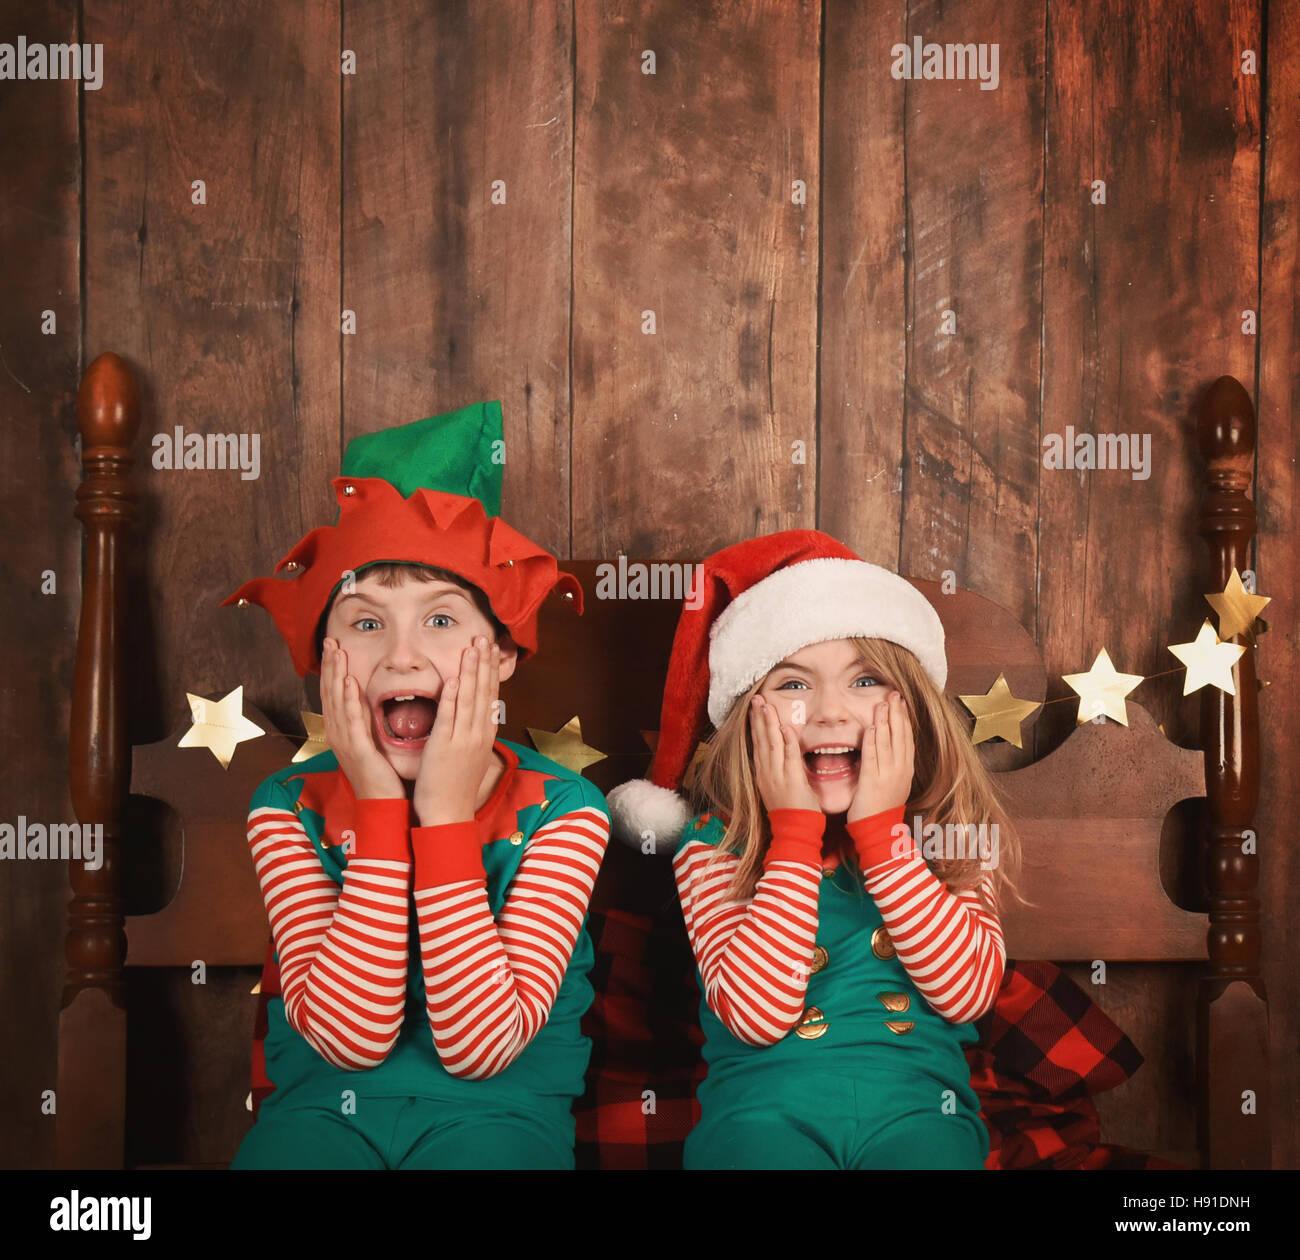 Deux drôles de jeunes enfants sont surpris et heureux assis sur un lit avec Noël pyjama avec un mur en Photo Stock